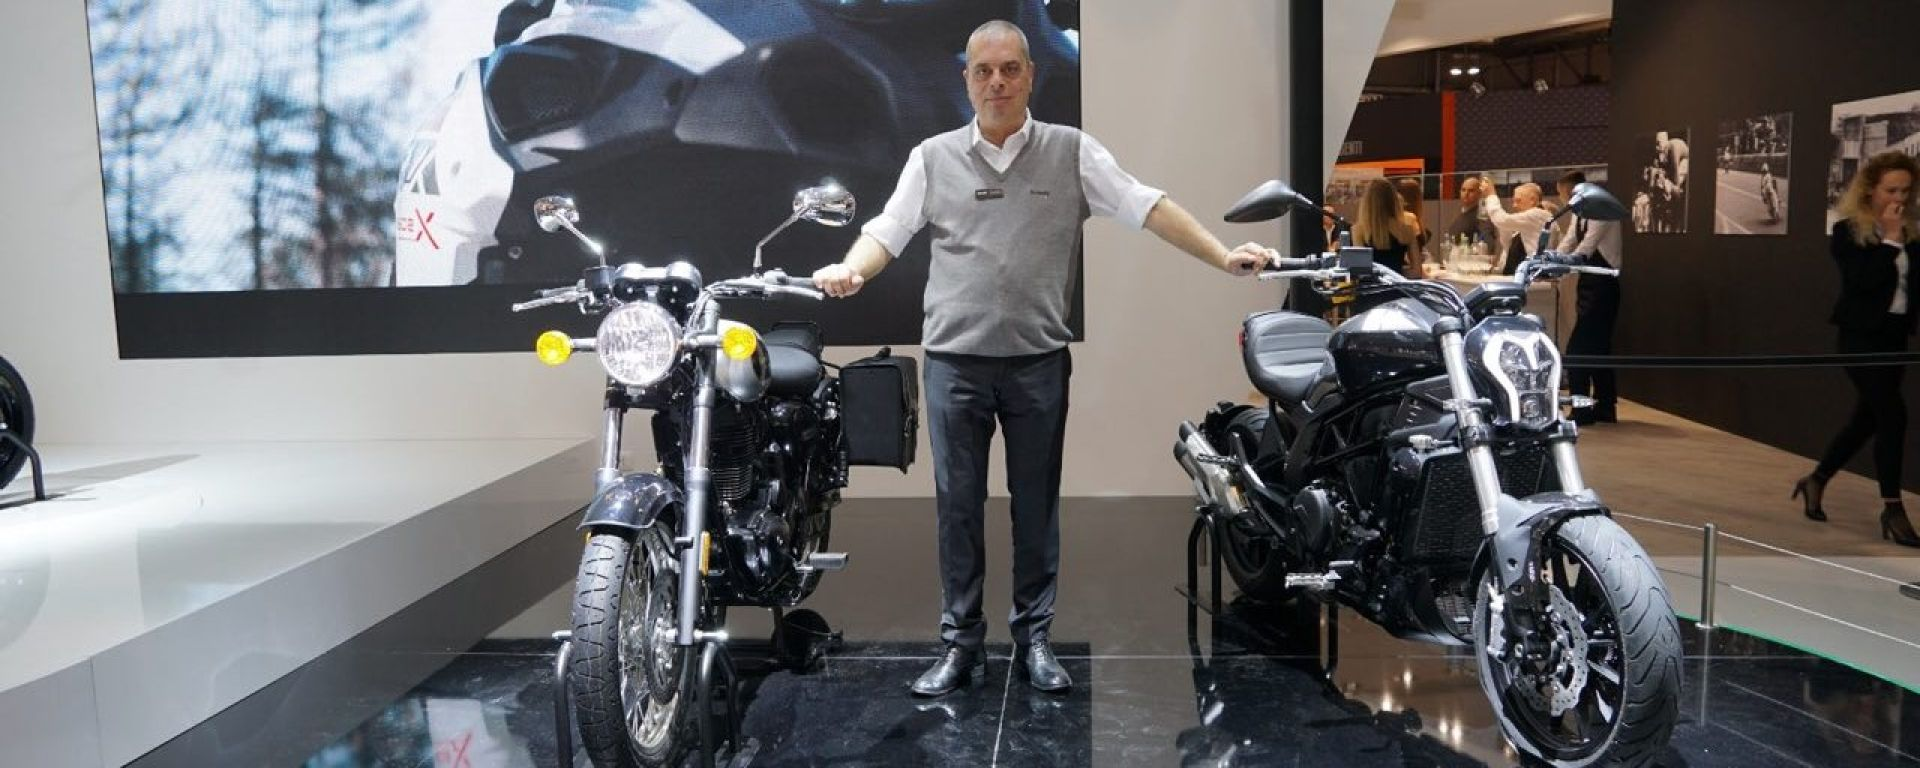 Eicma 2018, novità Benelli: in arrivo una Leoncino 800 [VIDEO]